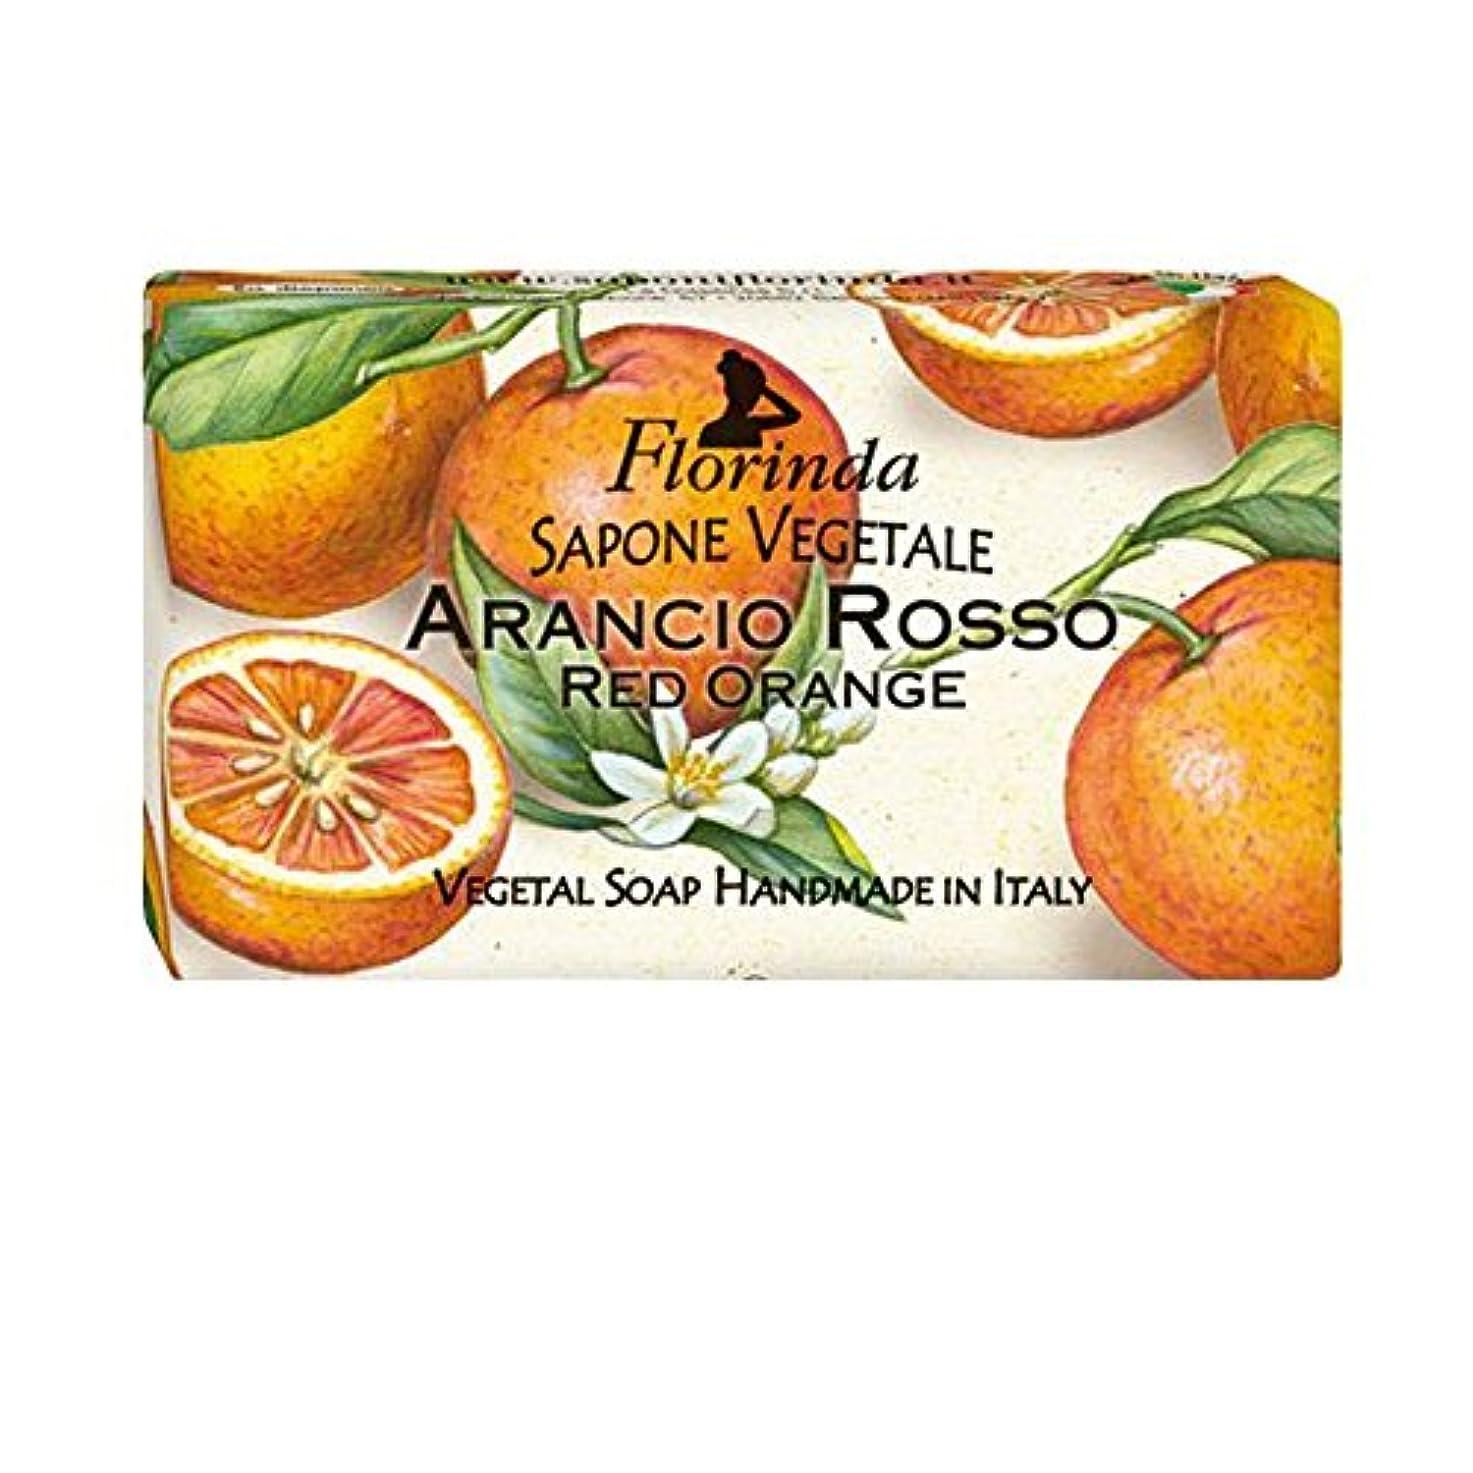 最も遠いピニオン洞察力のあるFlorinda フロリンダ フレグランスソープ フルーツ レッドオレンジ 100g [並行輸入品]